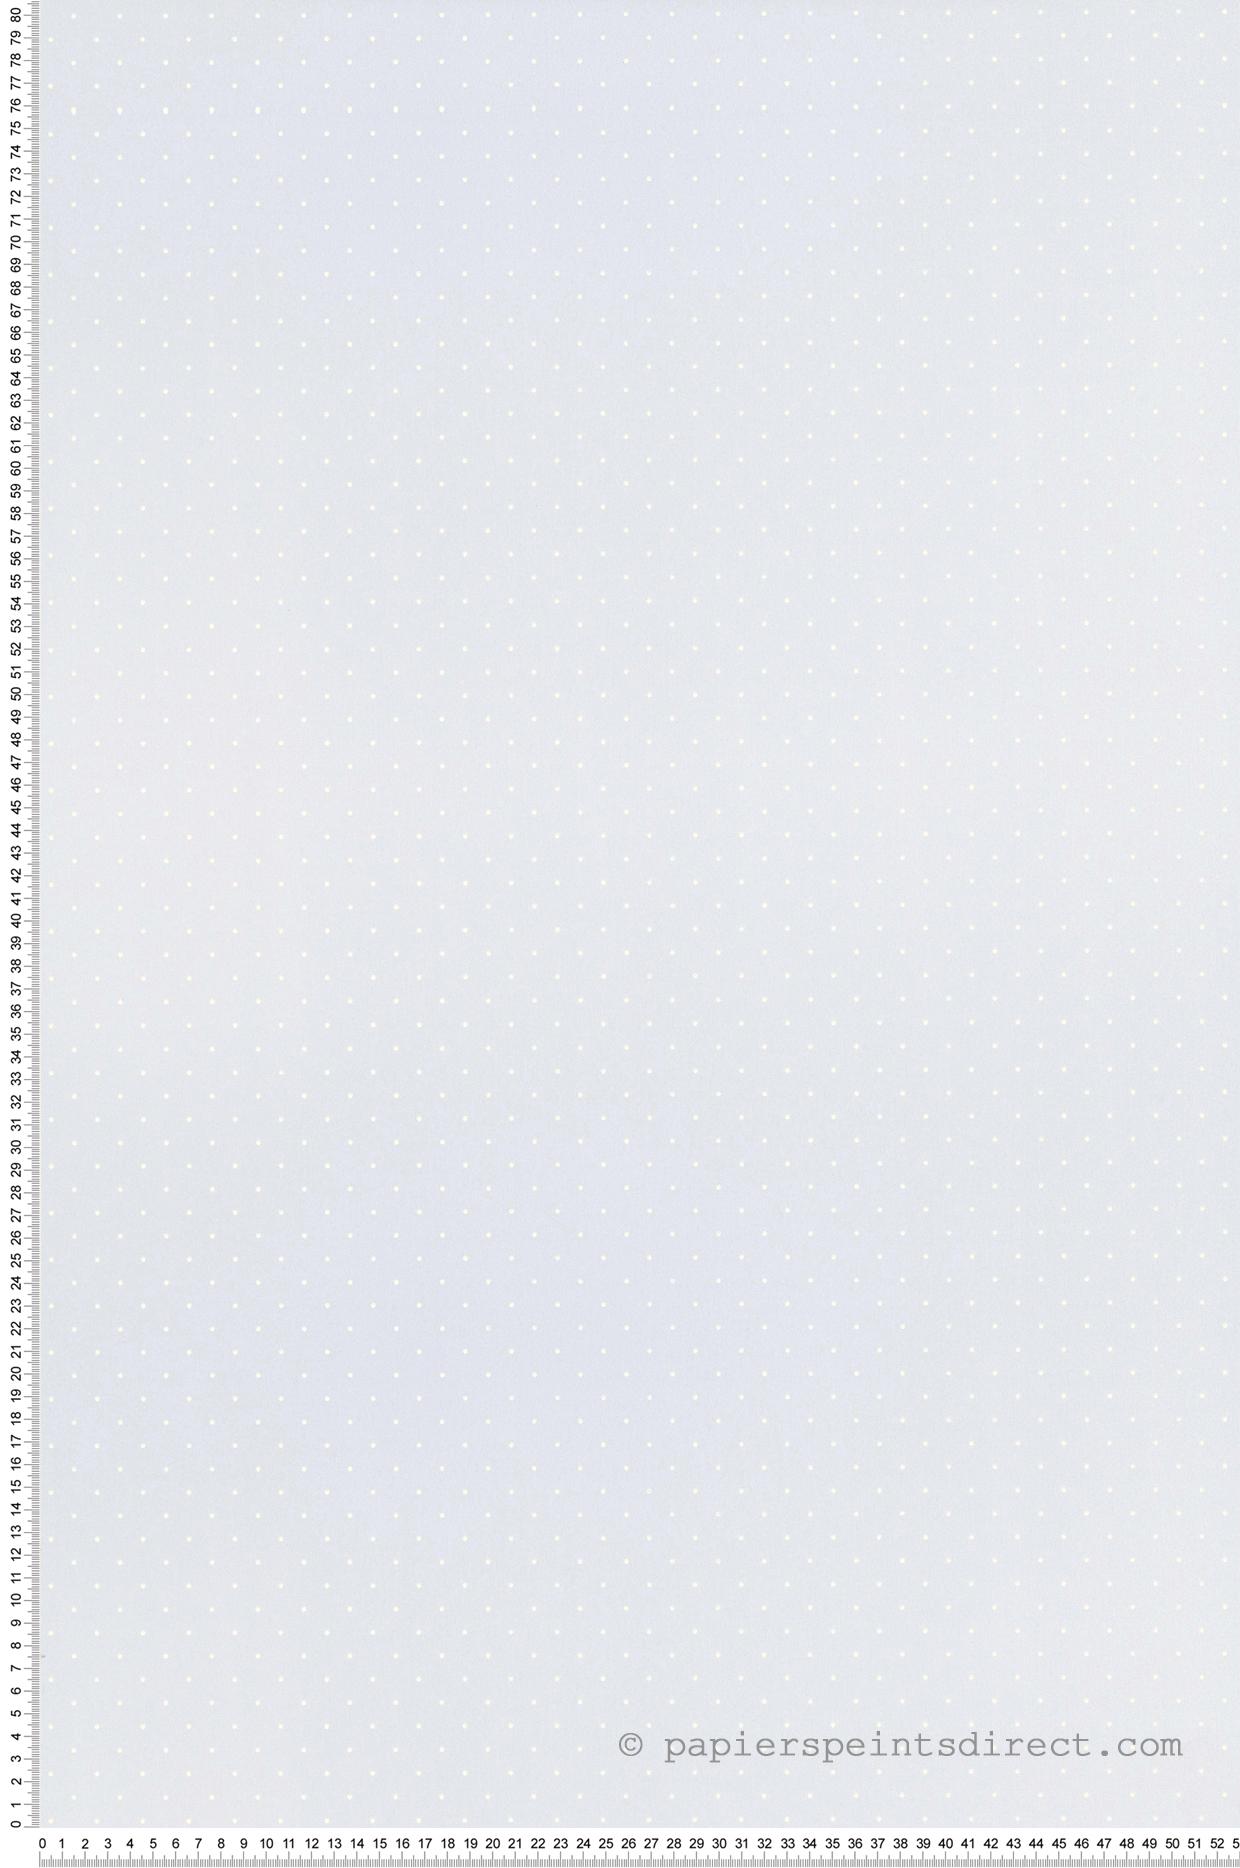 Papier Peint Pois blanc sur bleu - Tartine et Chocolat de Lutèce  | Réf. LTC-13054611